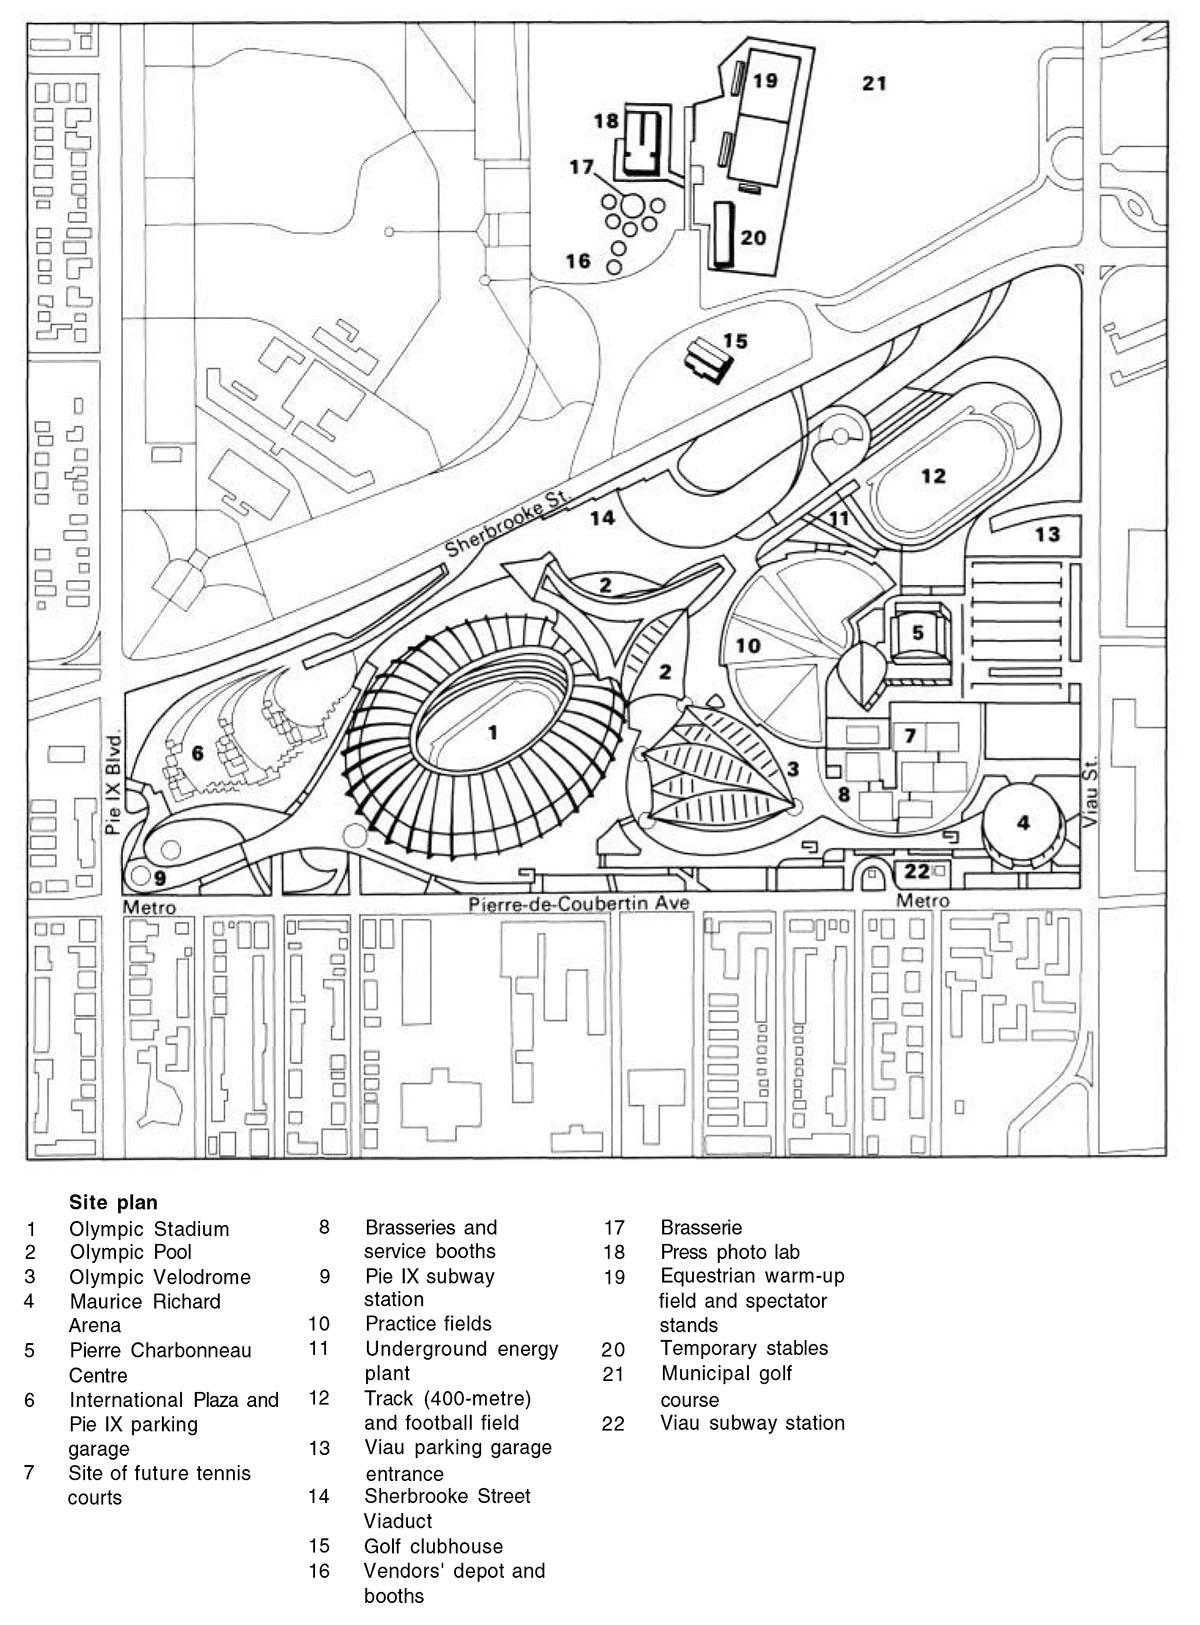 1976 montr u00e9al  u2013 architecture of the games